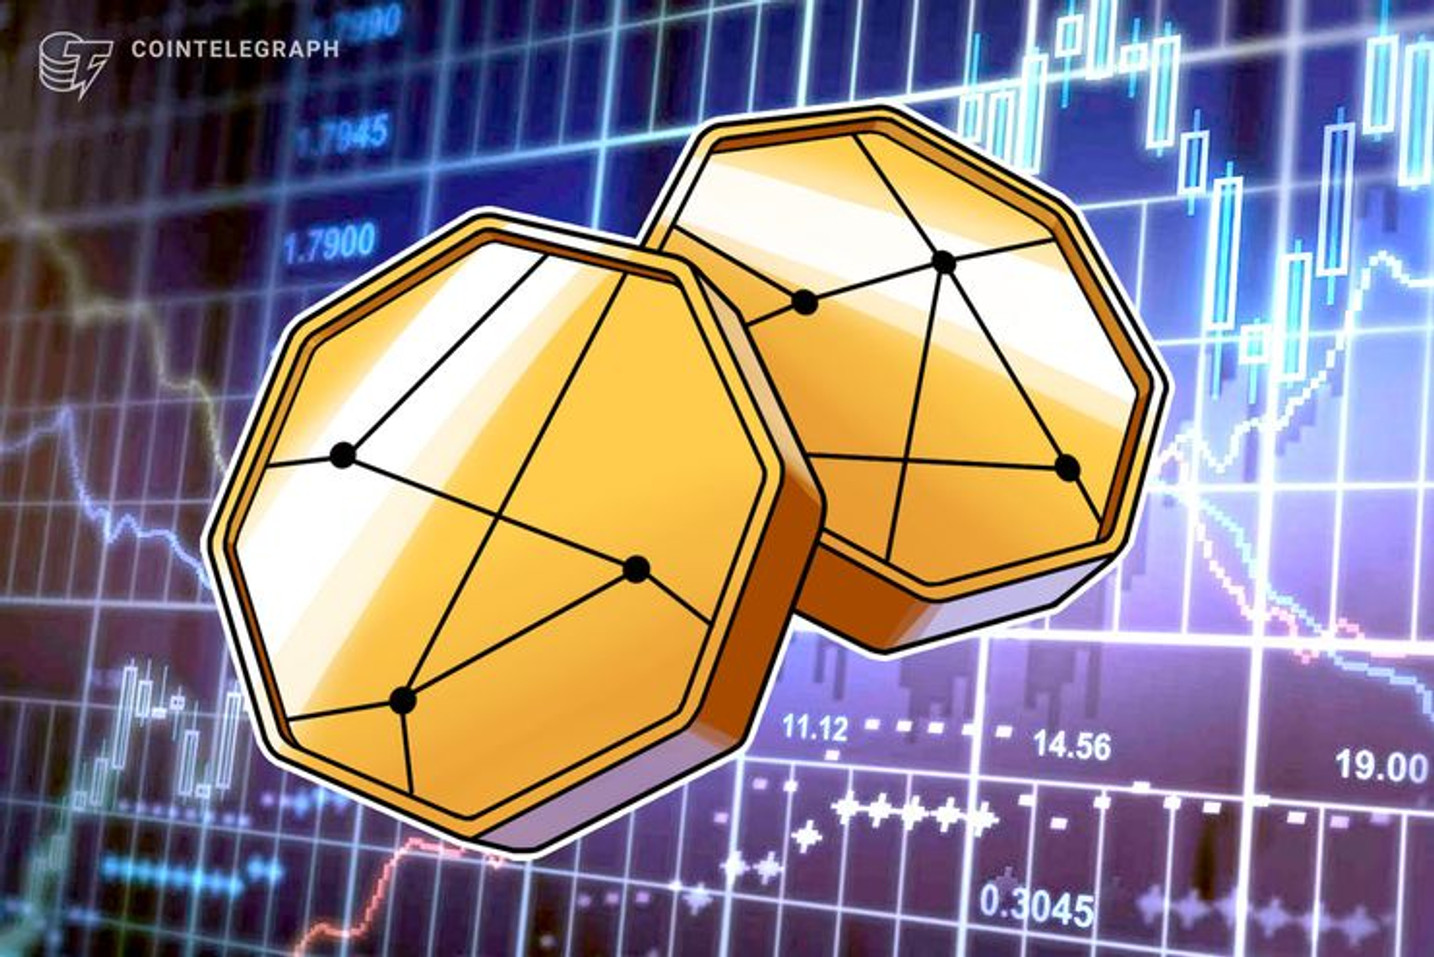 VPE Bank startet Krypto-Index-Zertifikat für institutionelle Investoren